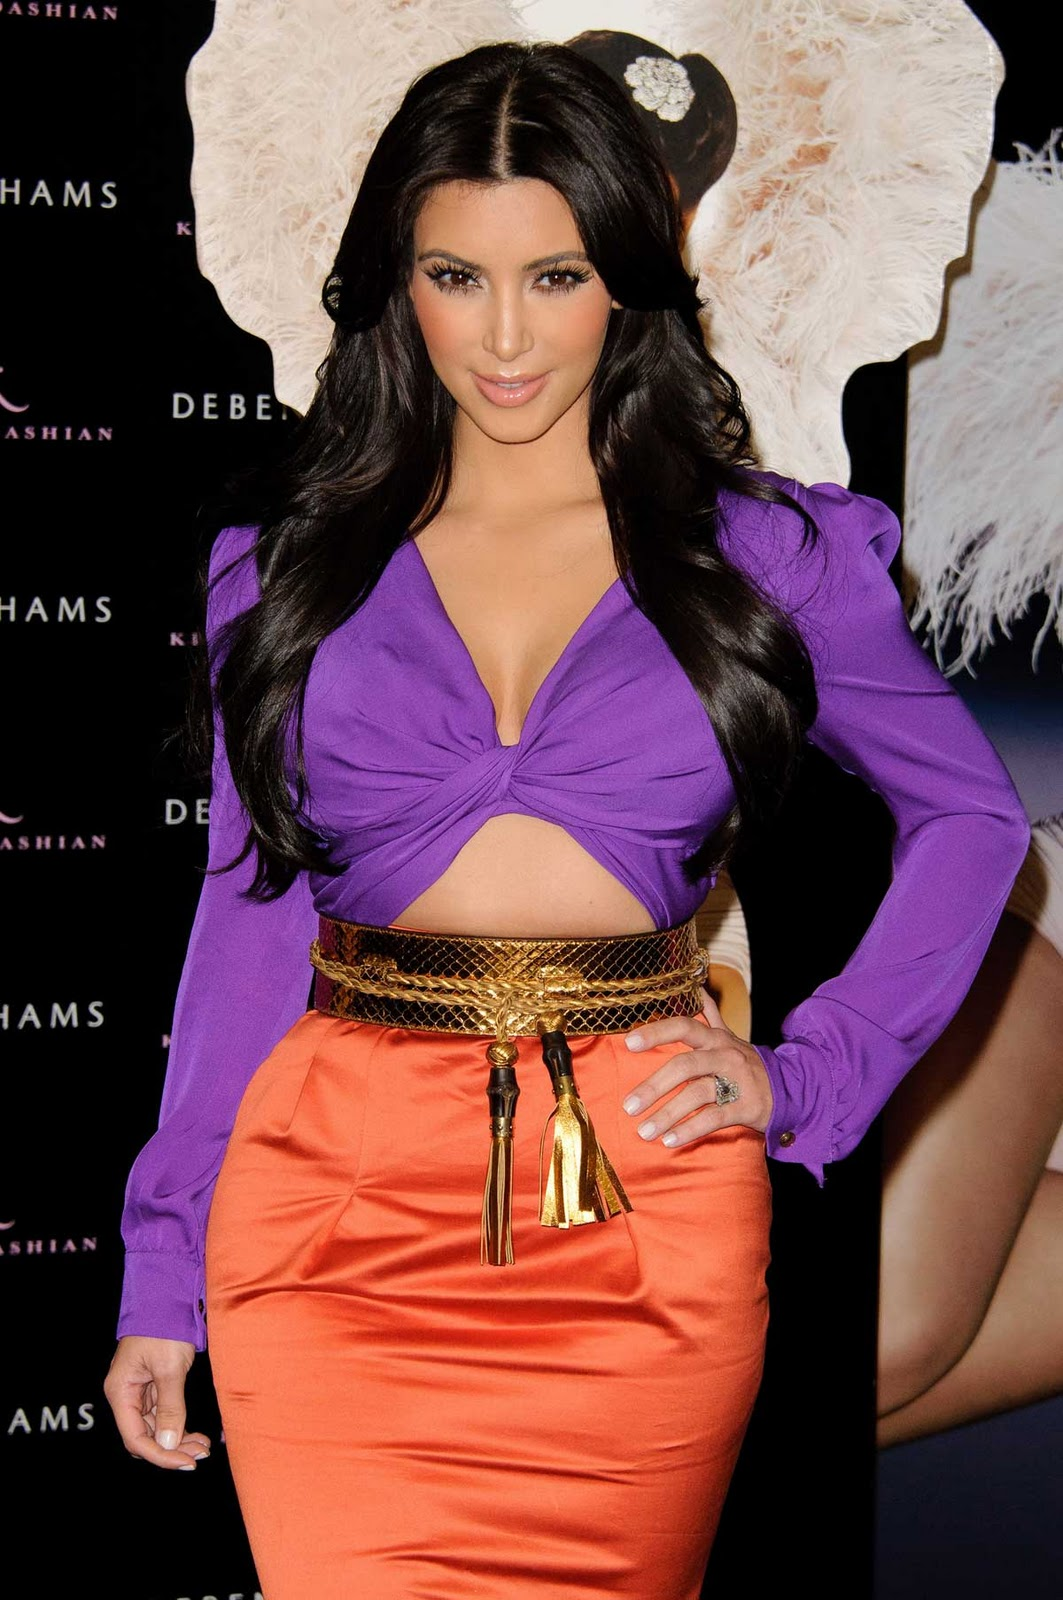 http://4.bp.blogspot.com/-CV4GBZ00AYE/TuOALRPaqpI/AAAAAAAABAc/BT3TvOVYtGg/s1600/kim_kardashian_purple.jpg